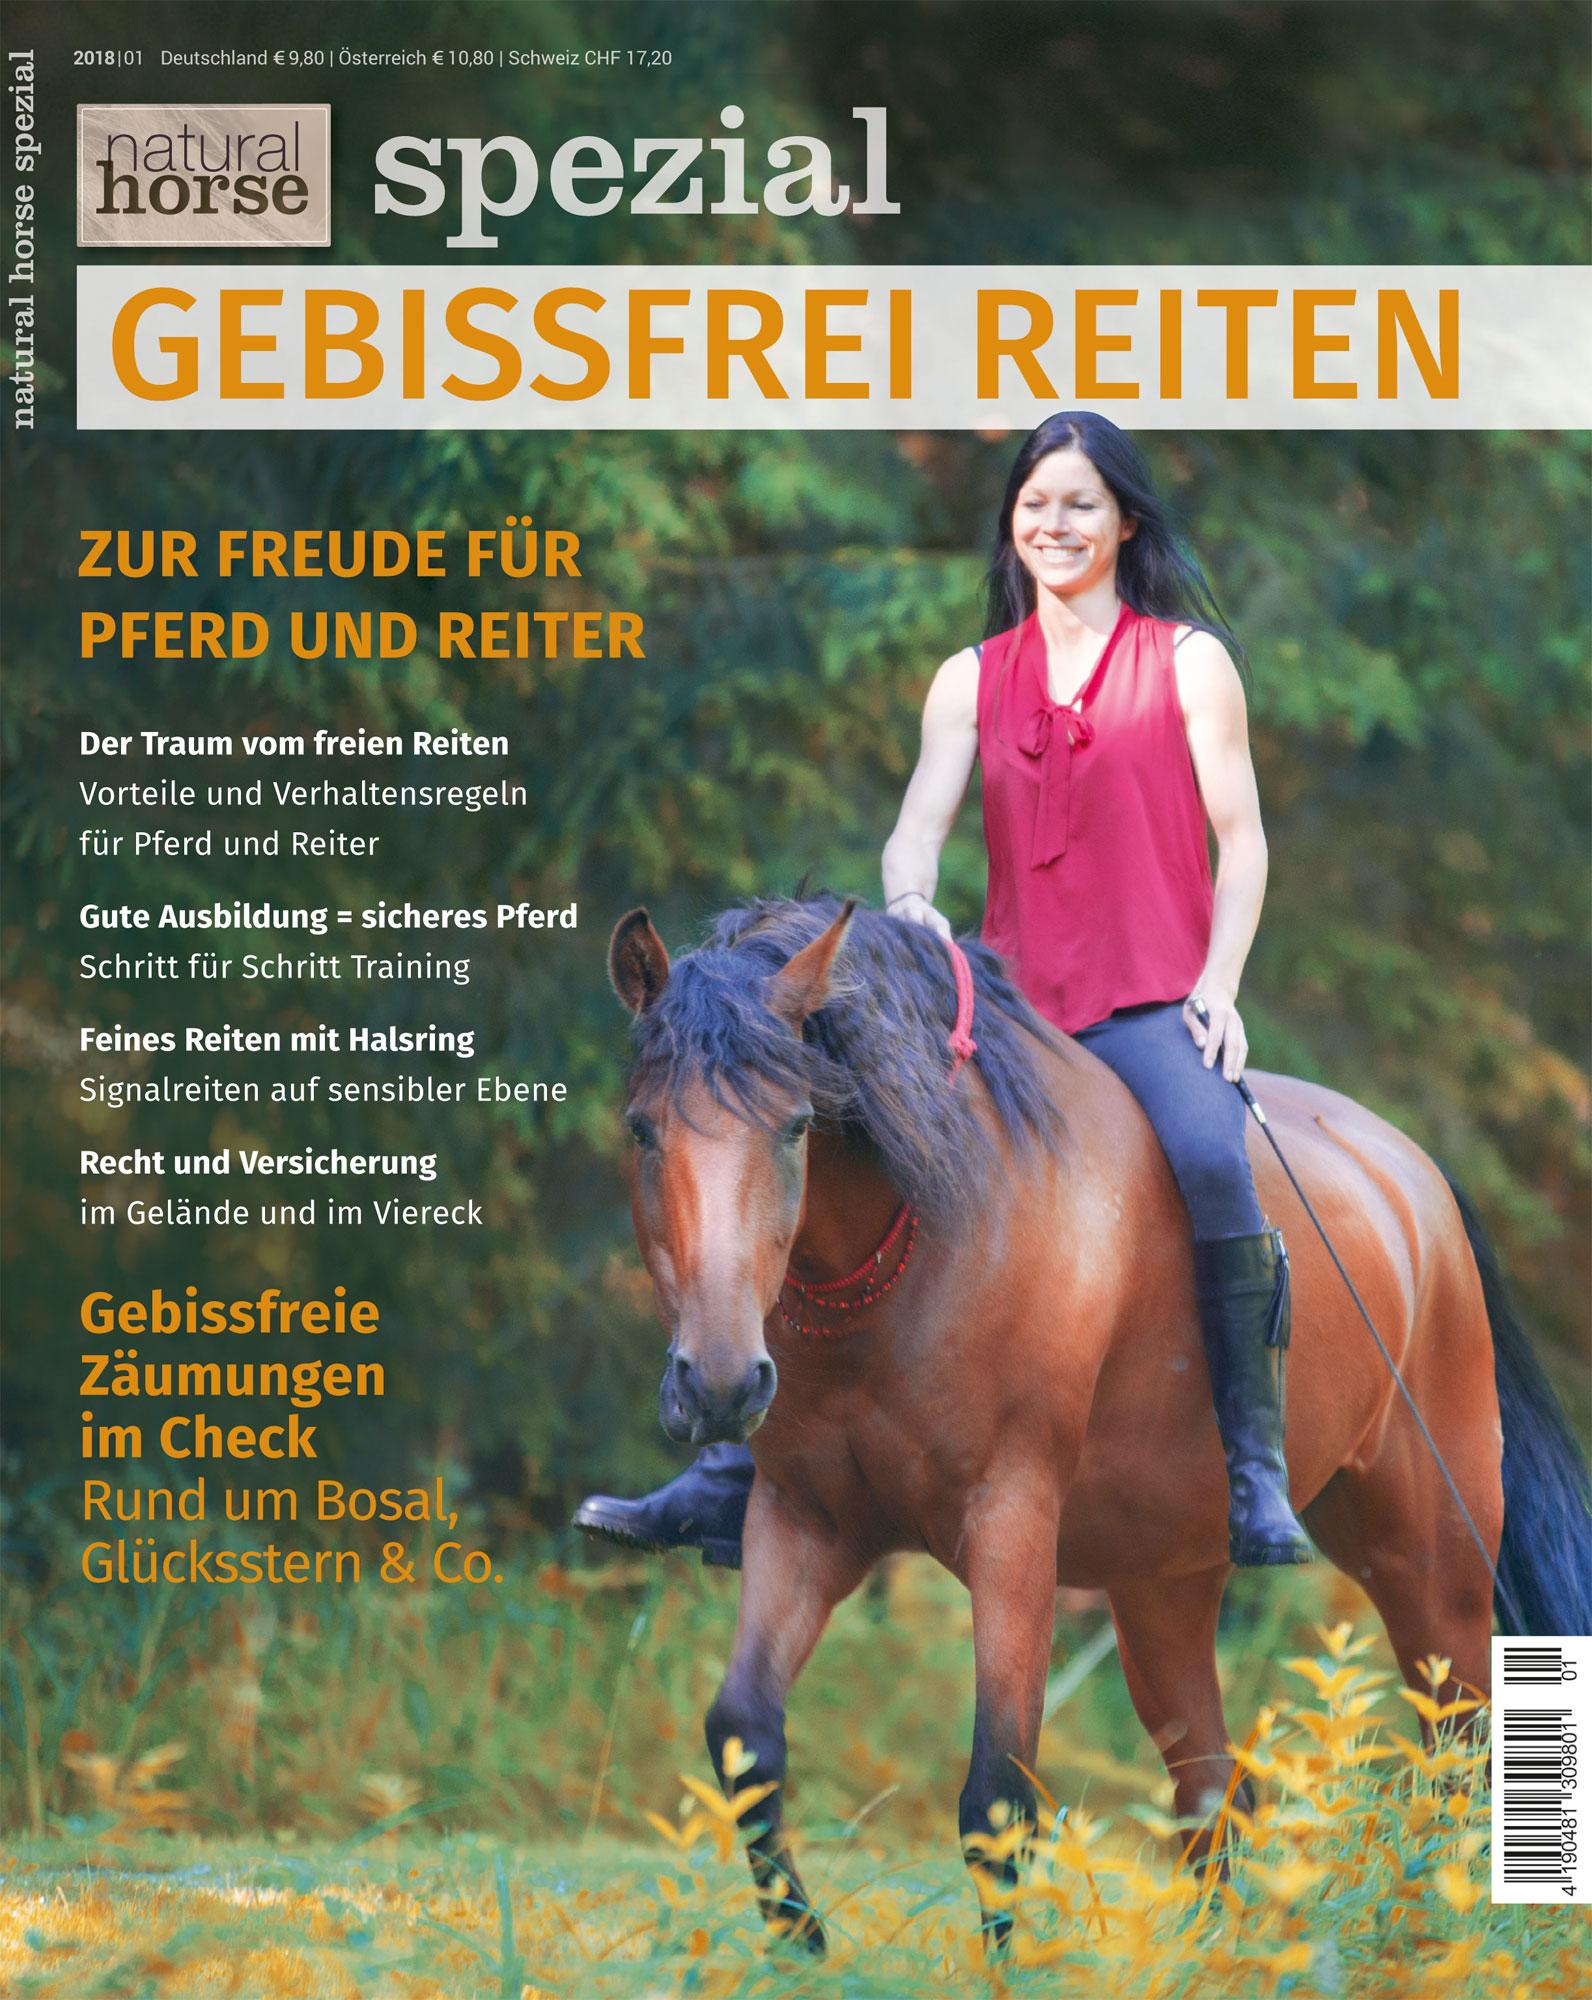 Natural Horse 21 - Spezial Gebissfrei Reiten